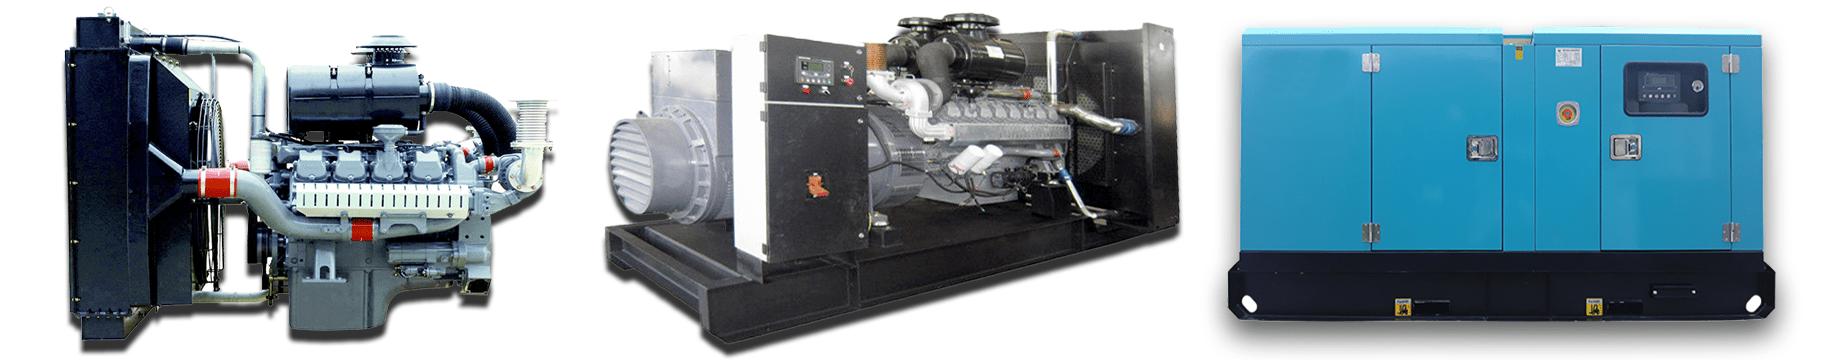 Máy phát điện VMAN - Nhập khẩu chính hãng, chất lượng số #1.